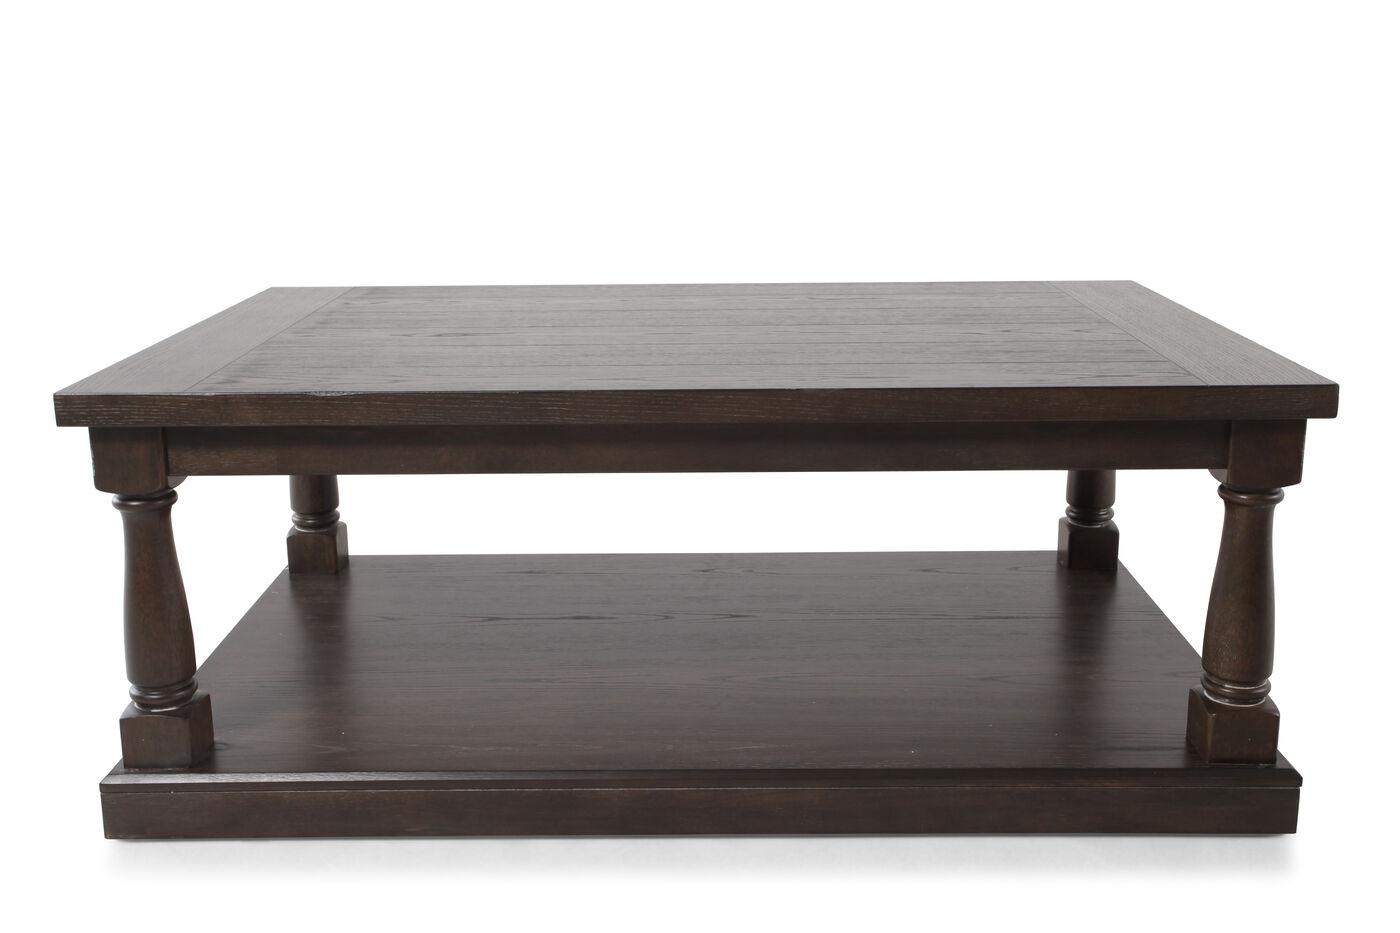 Images Rectangular Contemporary Coffee Table Nbsp In Dark Espresso